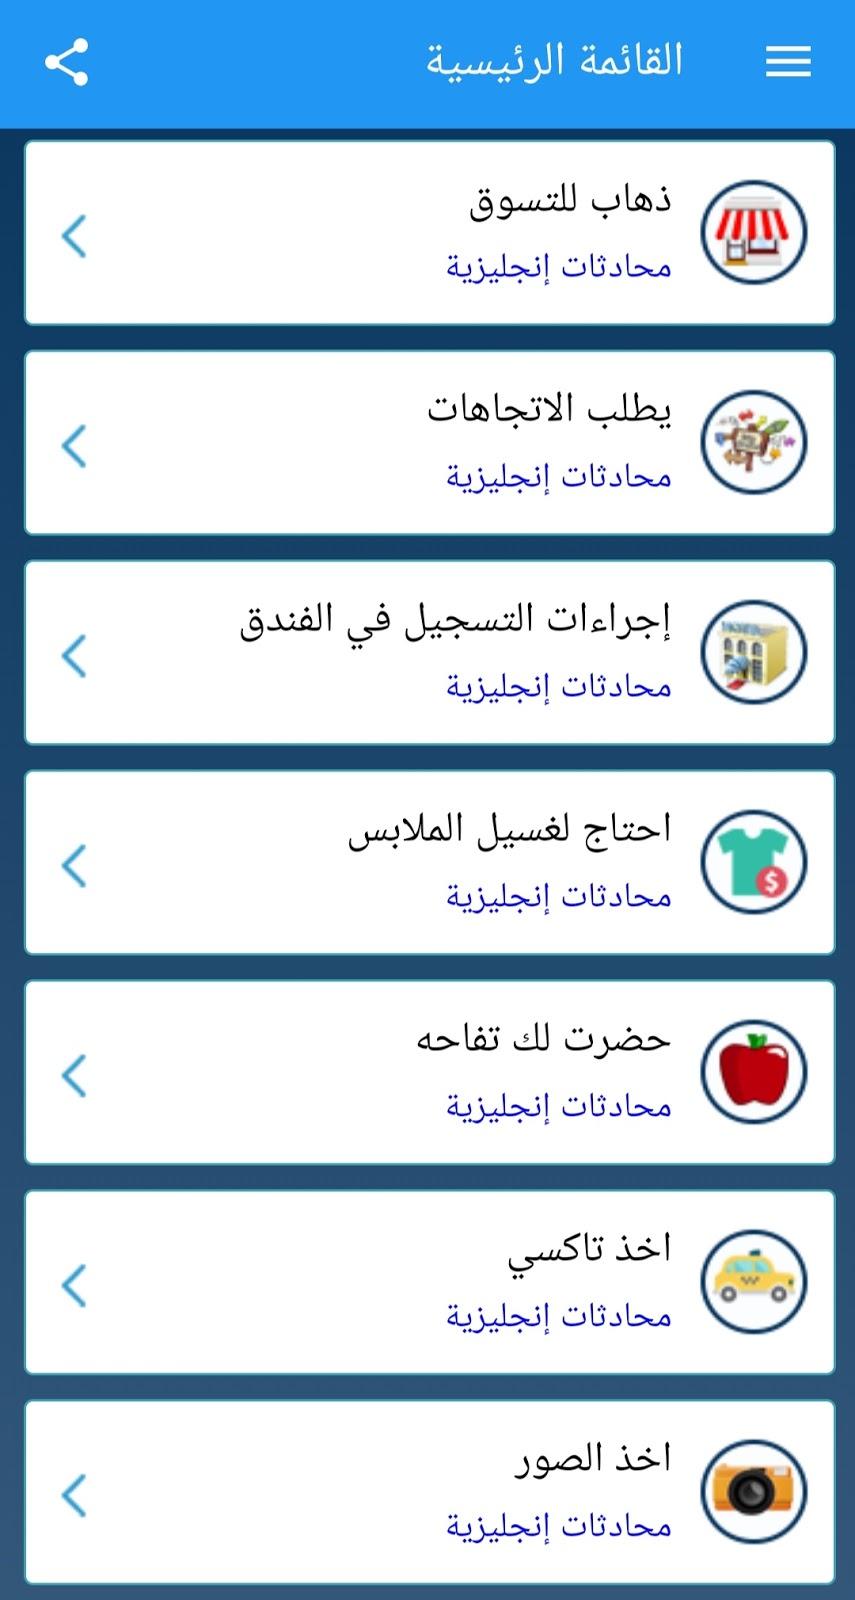 تطبيق لتعلم اللغة الأنكليزية بشكل مبسط ومحترف